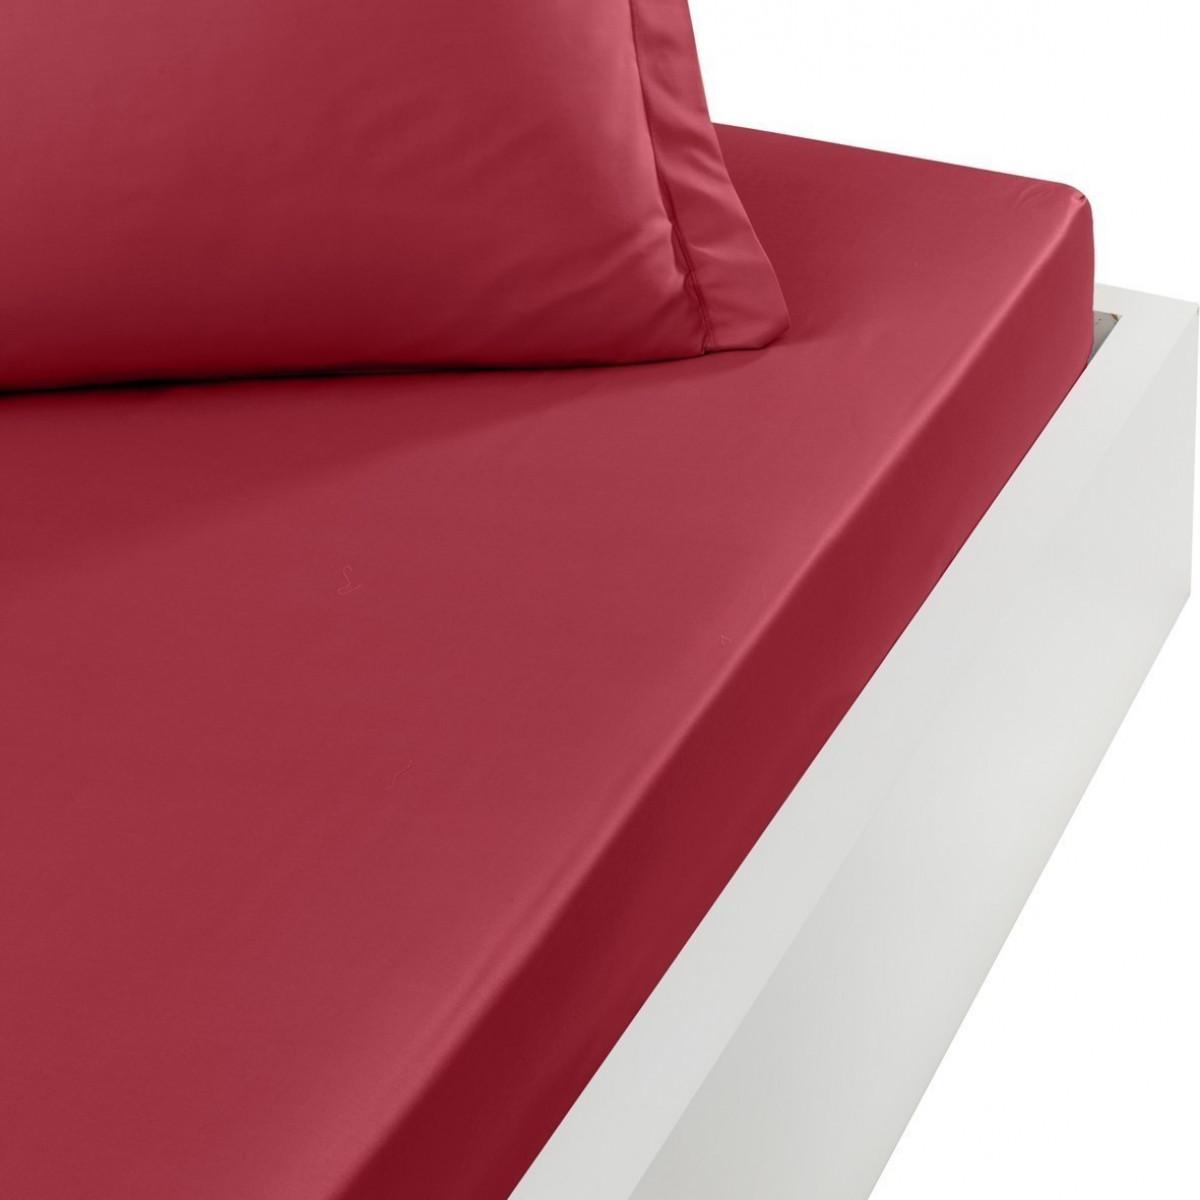 Drap housse en percale de coton bon Cardinal 160x200 cm